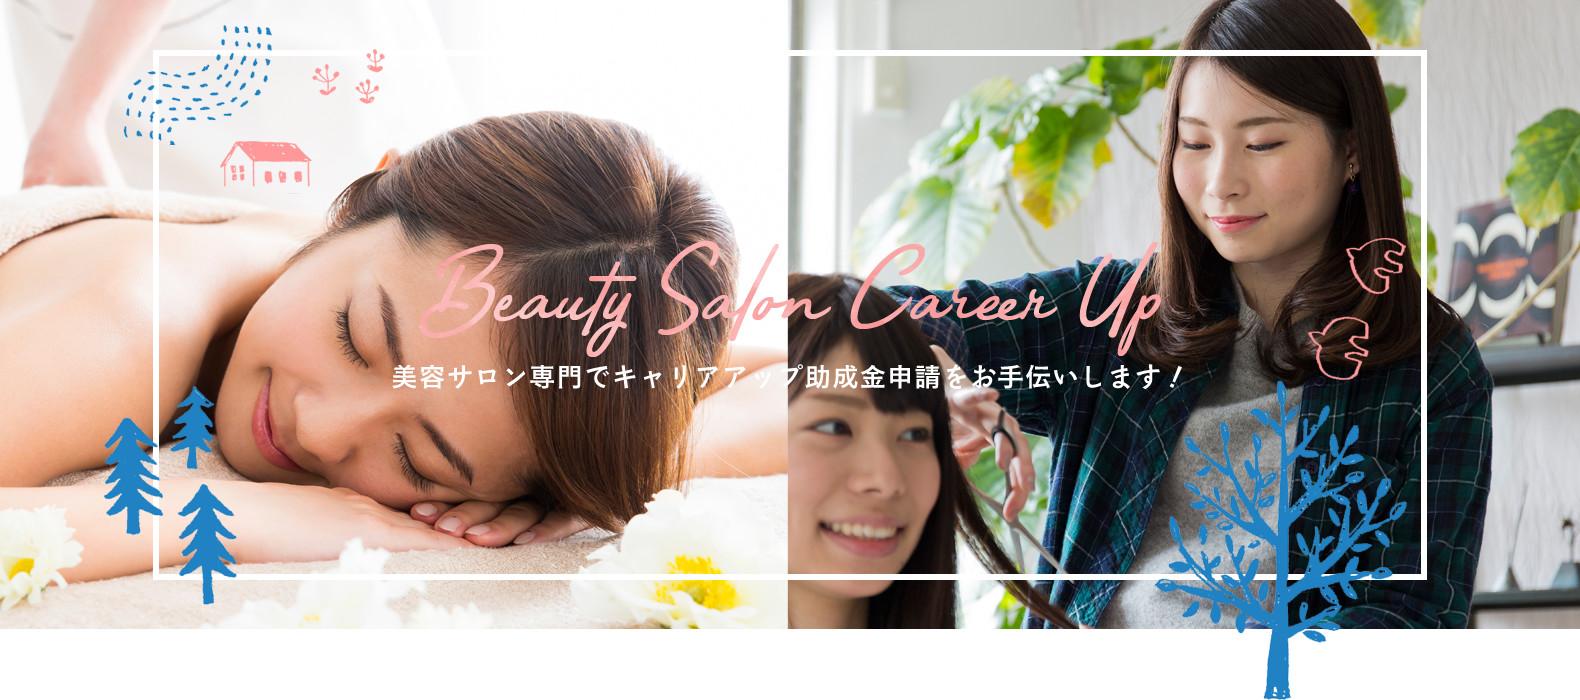 美容サロン専門でキャリアアップ助成金申請をお手伝いします!